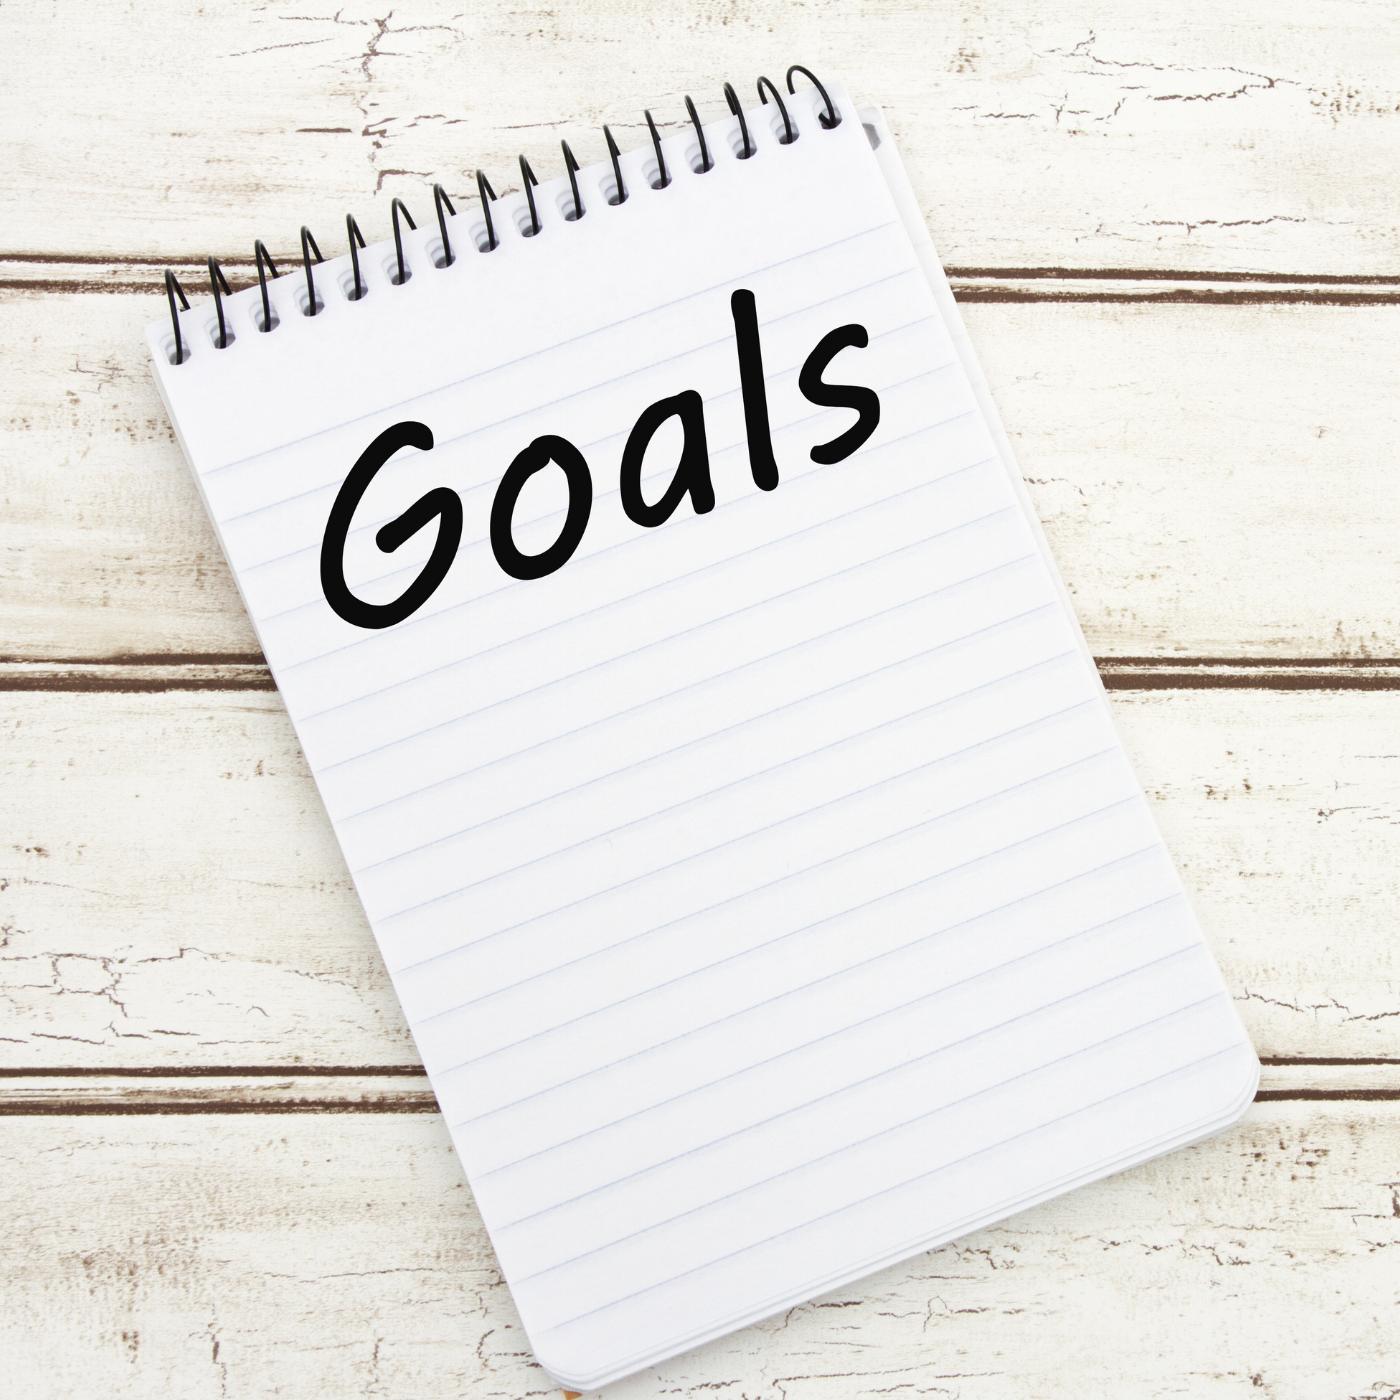 set employee goals